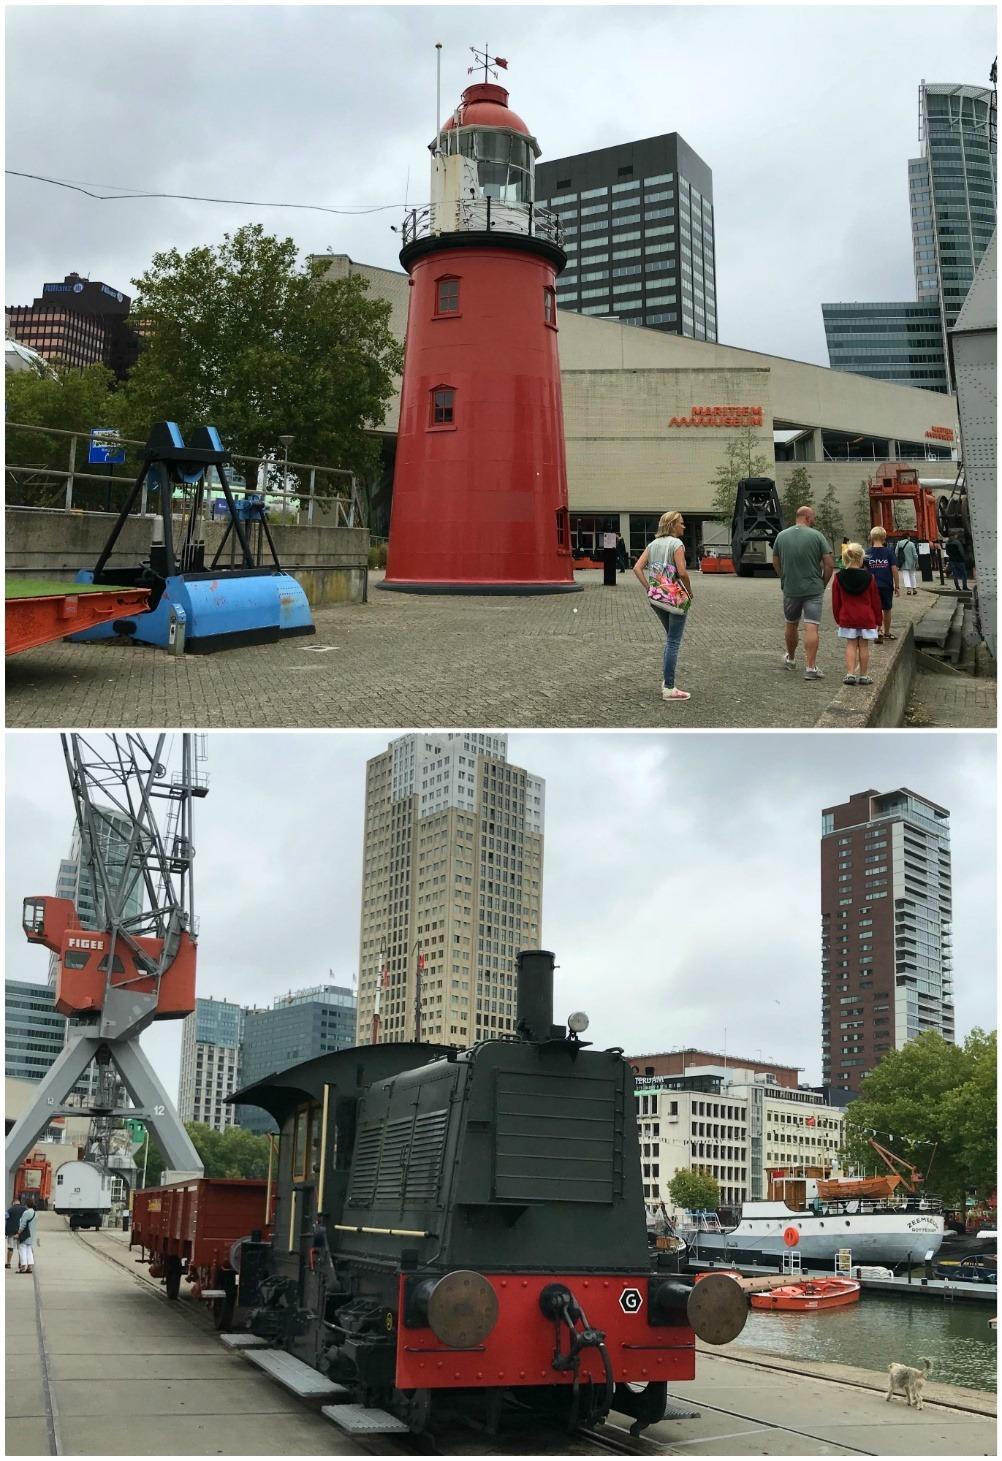 Maritime museum in Rotterdam Photo Heatheronhertravels.com